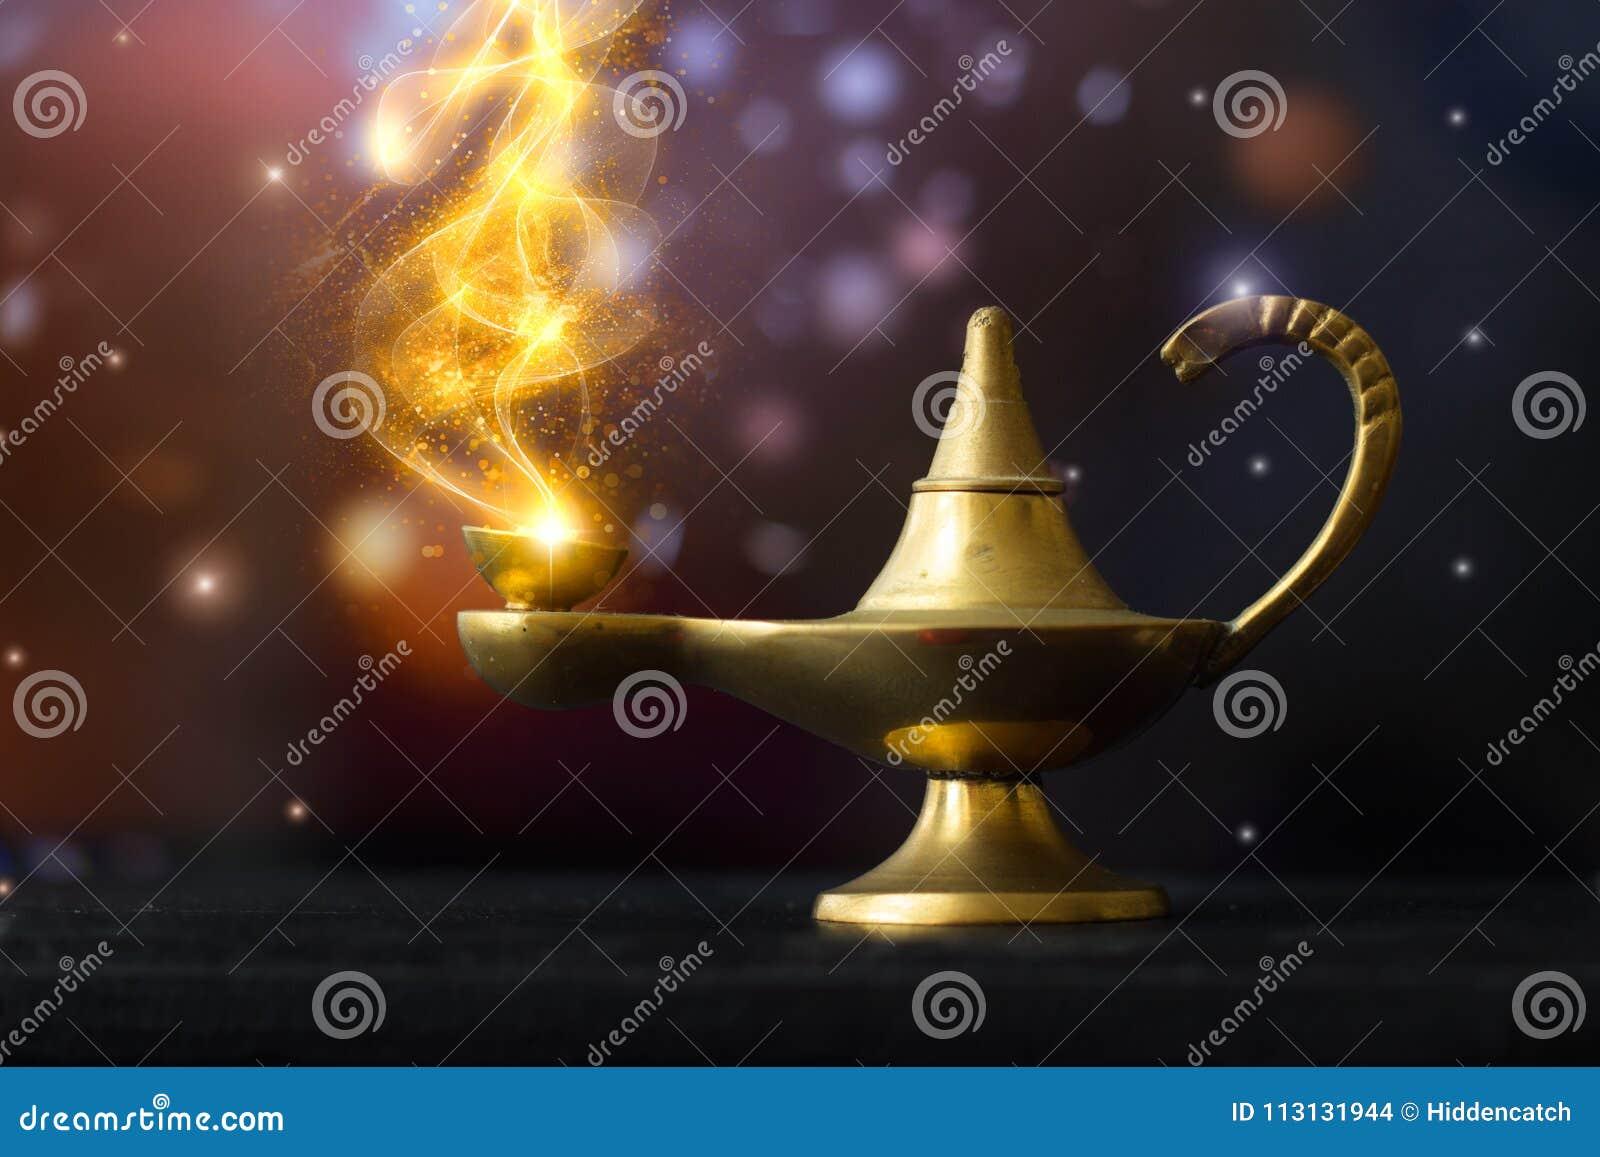 Lámpara de Aladdin mágica, con el humo reluciente de oro saliendo; mak